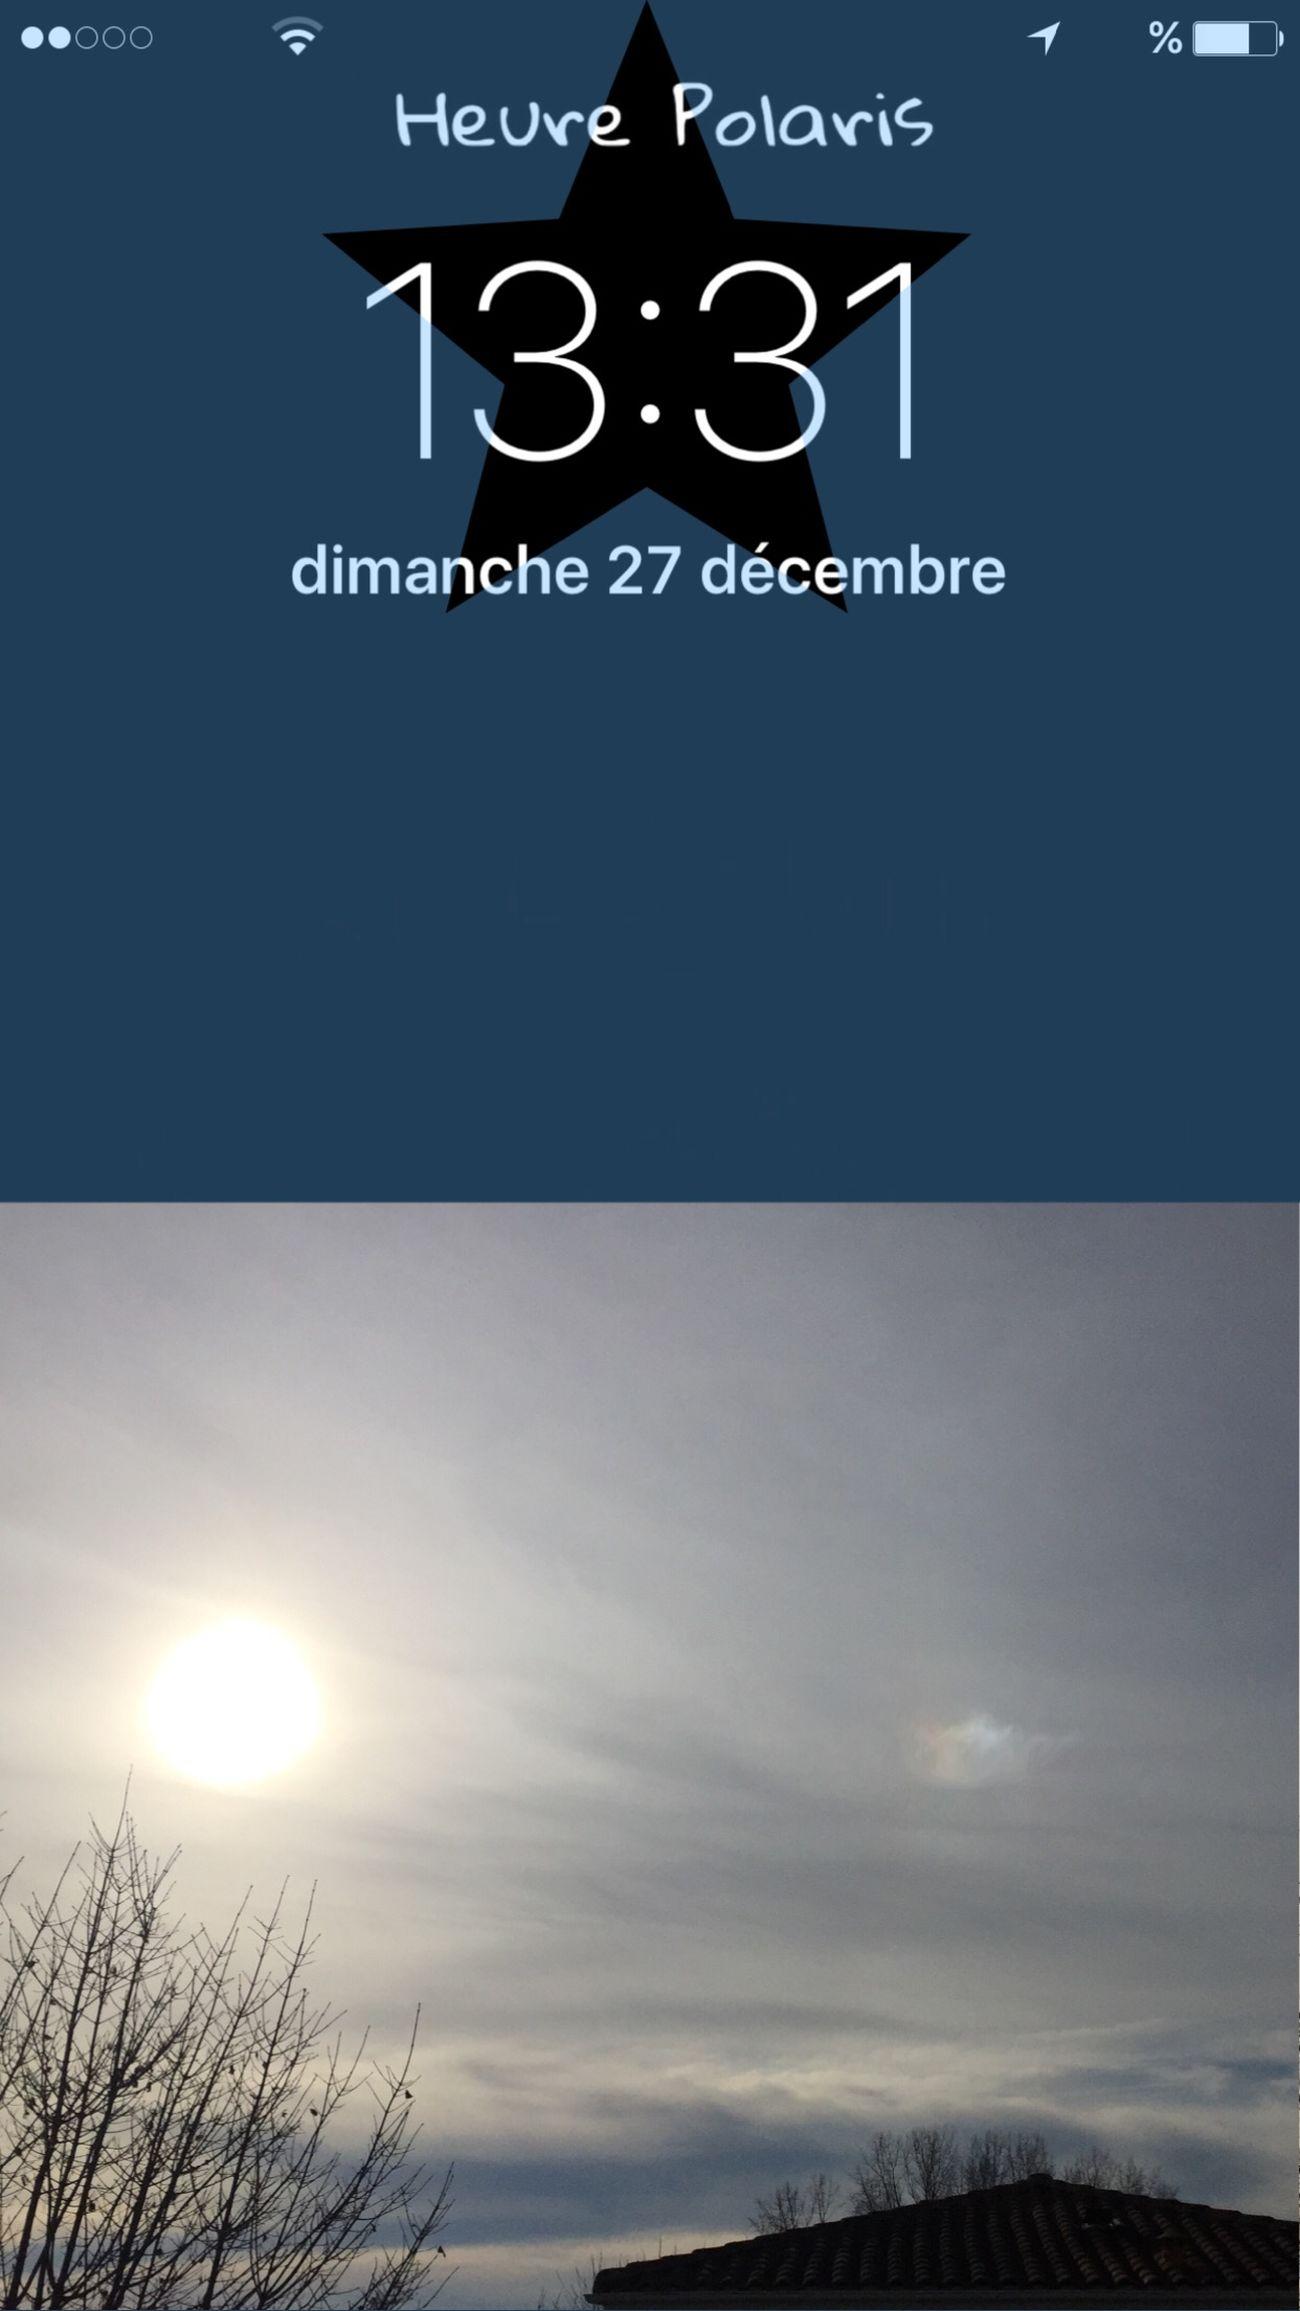 13H31 Soleil et arc-en-ciel ☀️🌈 HEURE POLARIS Soleil Arc-en-ciel  Sun Hour Temps Clock Heure Time